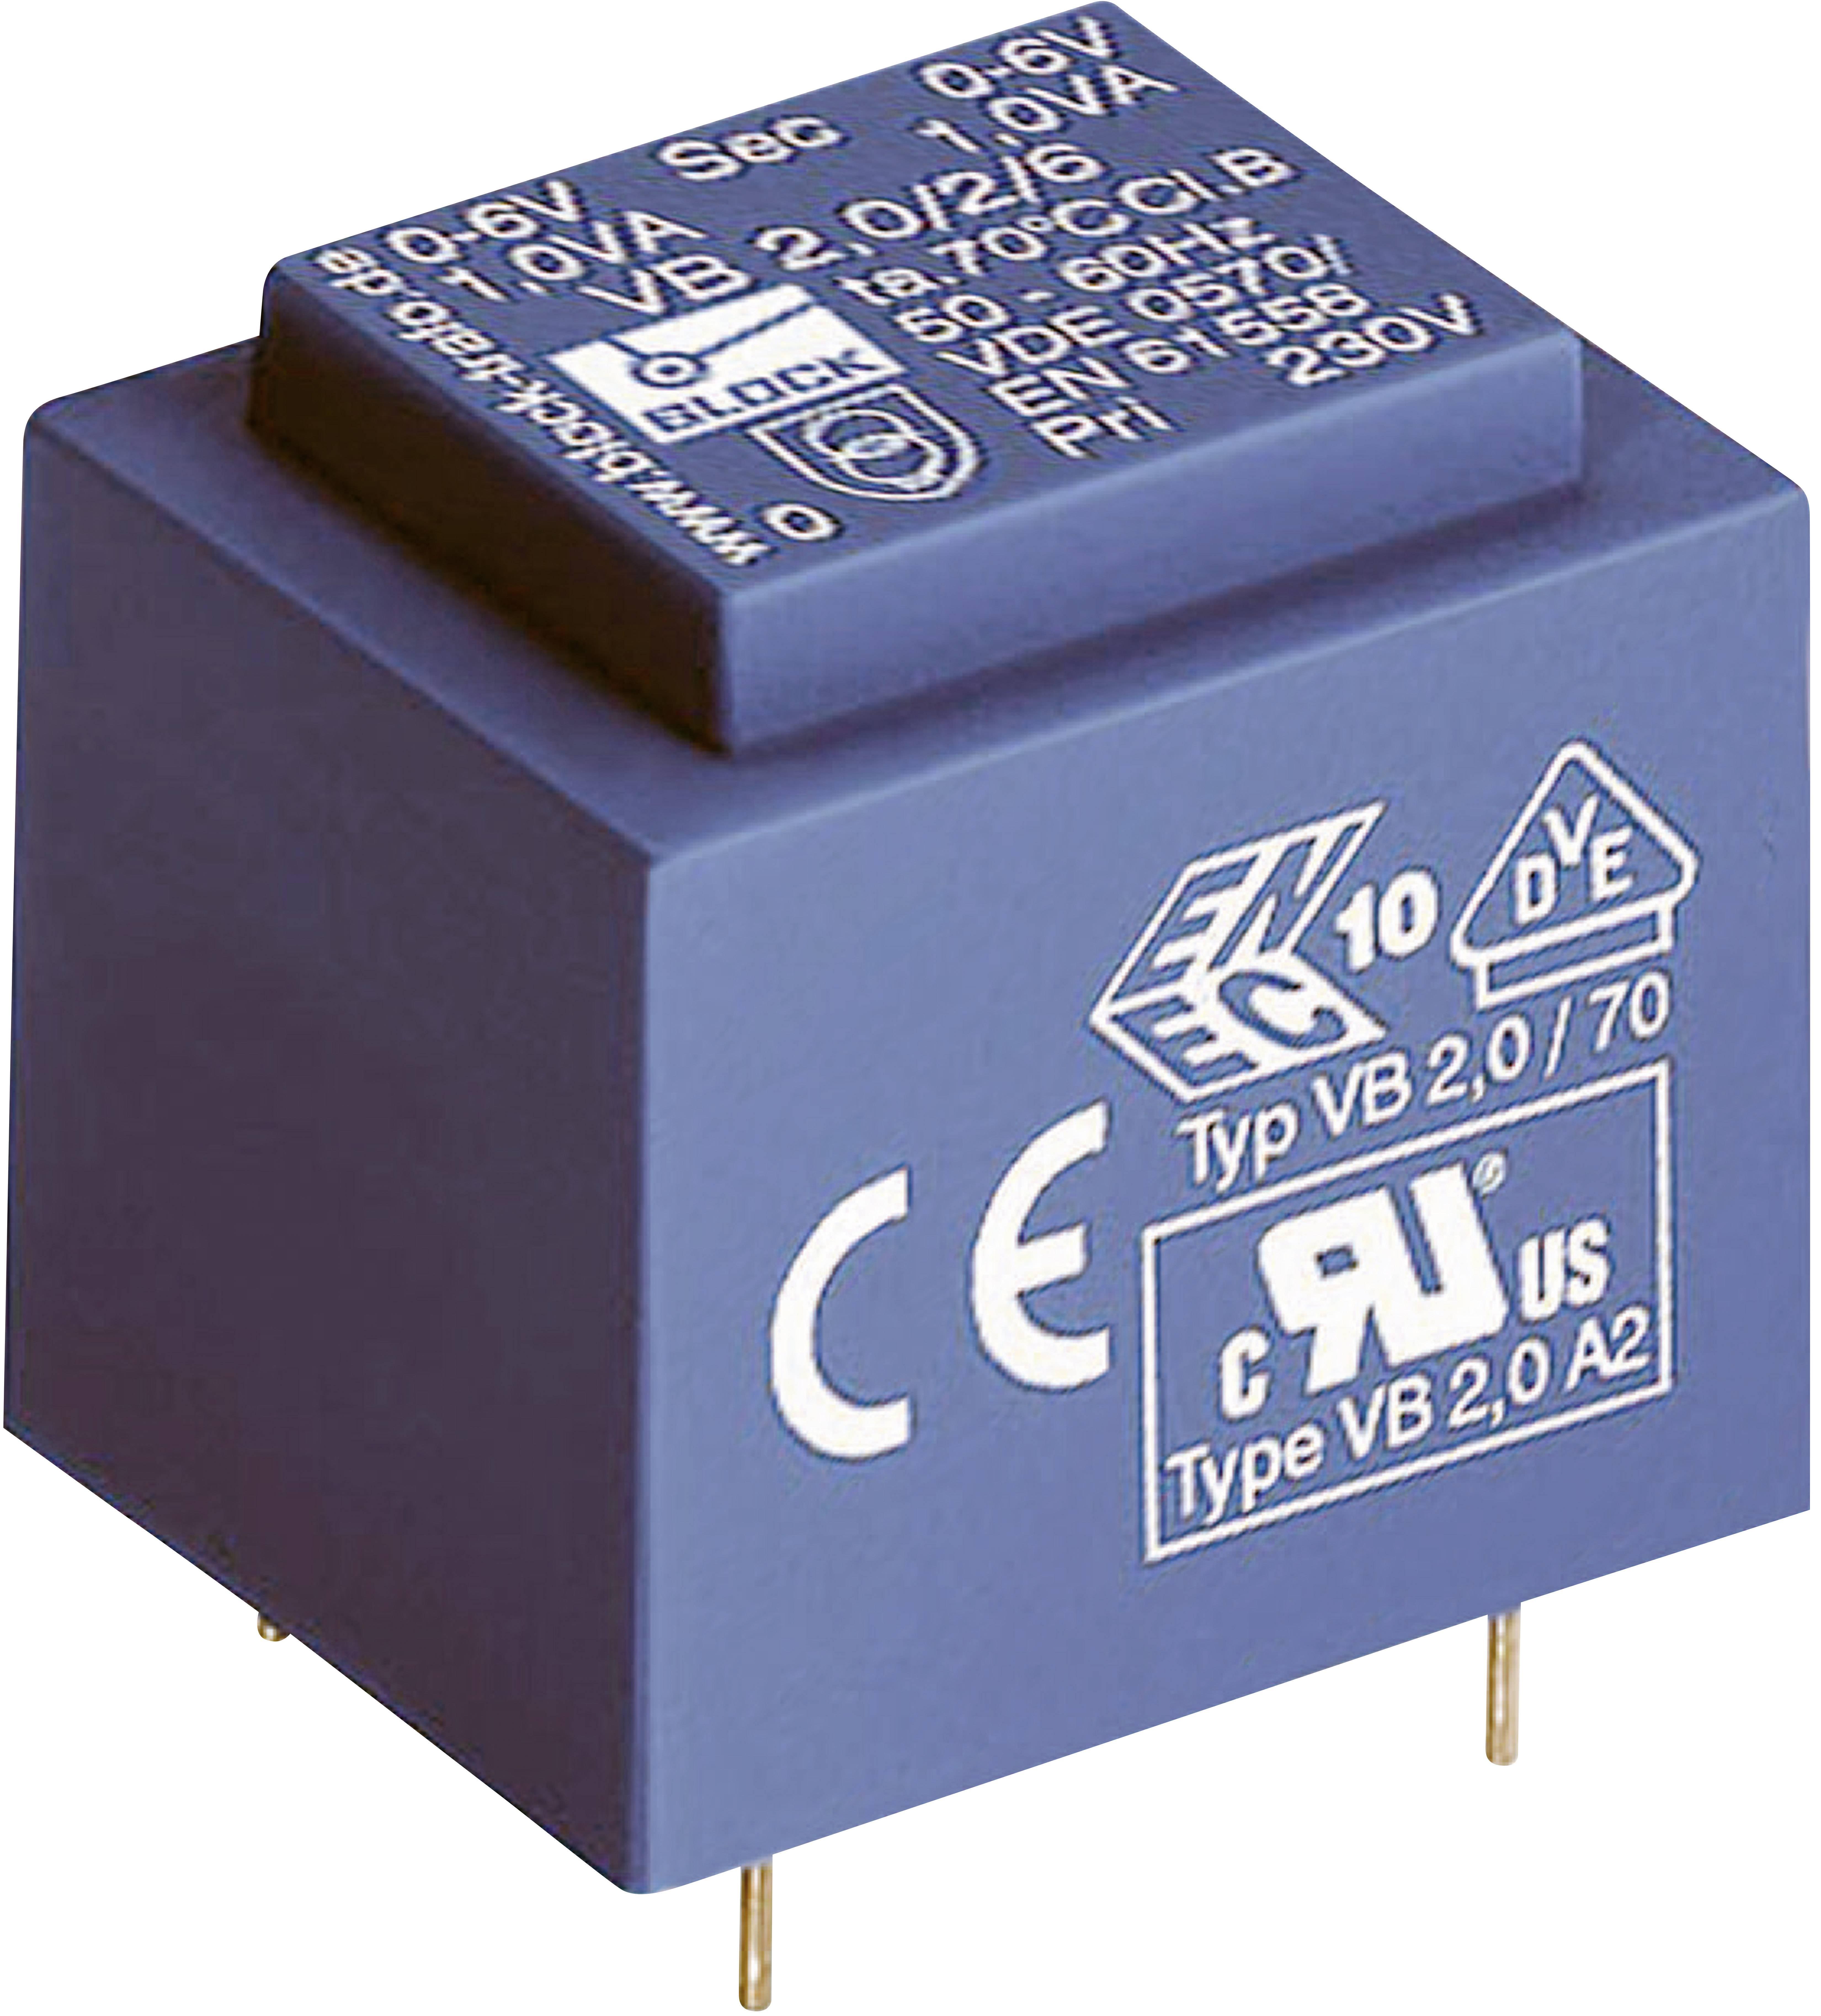 Transformátor do DPS Block VB 3,2/2/24, 3.2 VA